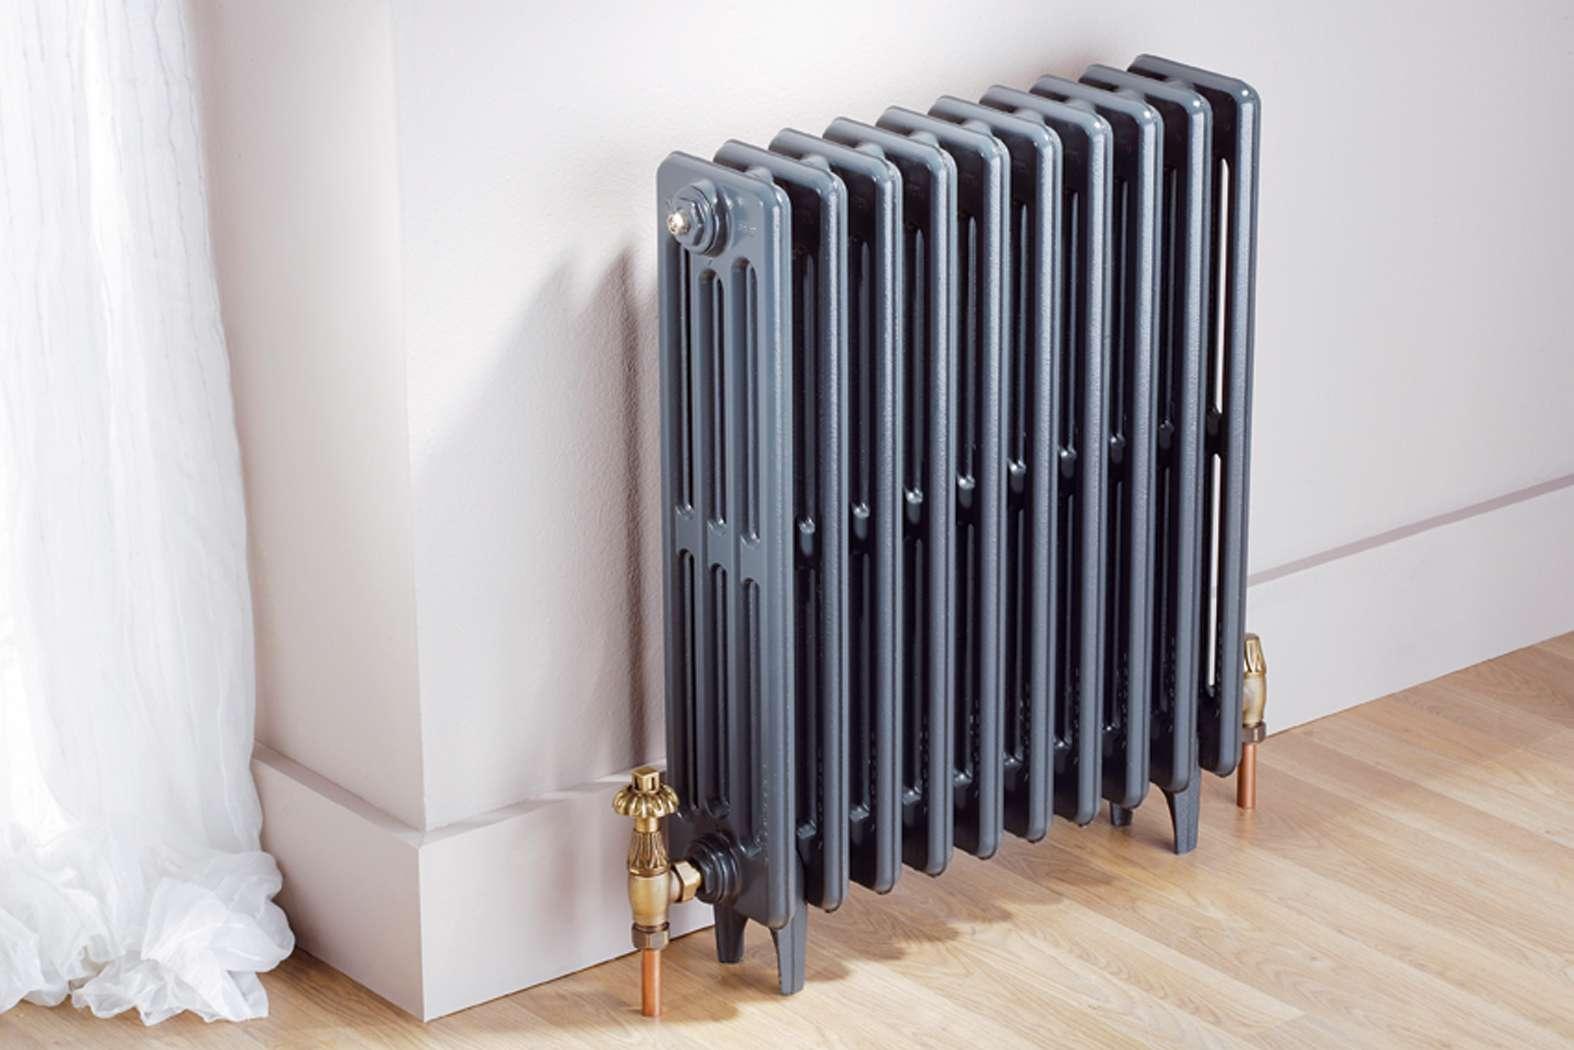 Способы подключения радиаторов к системе отопления